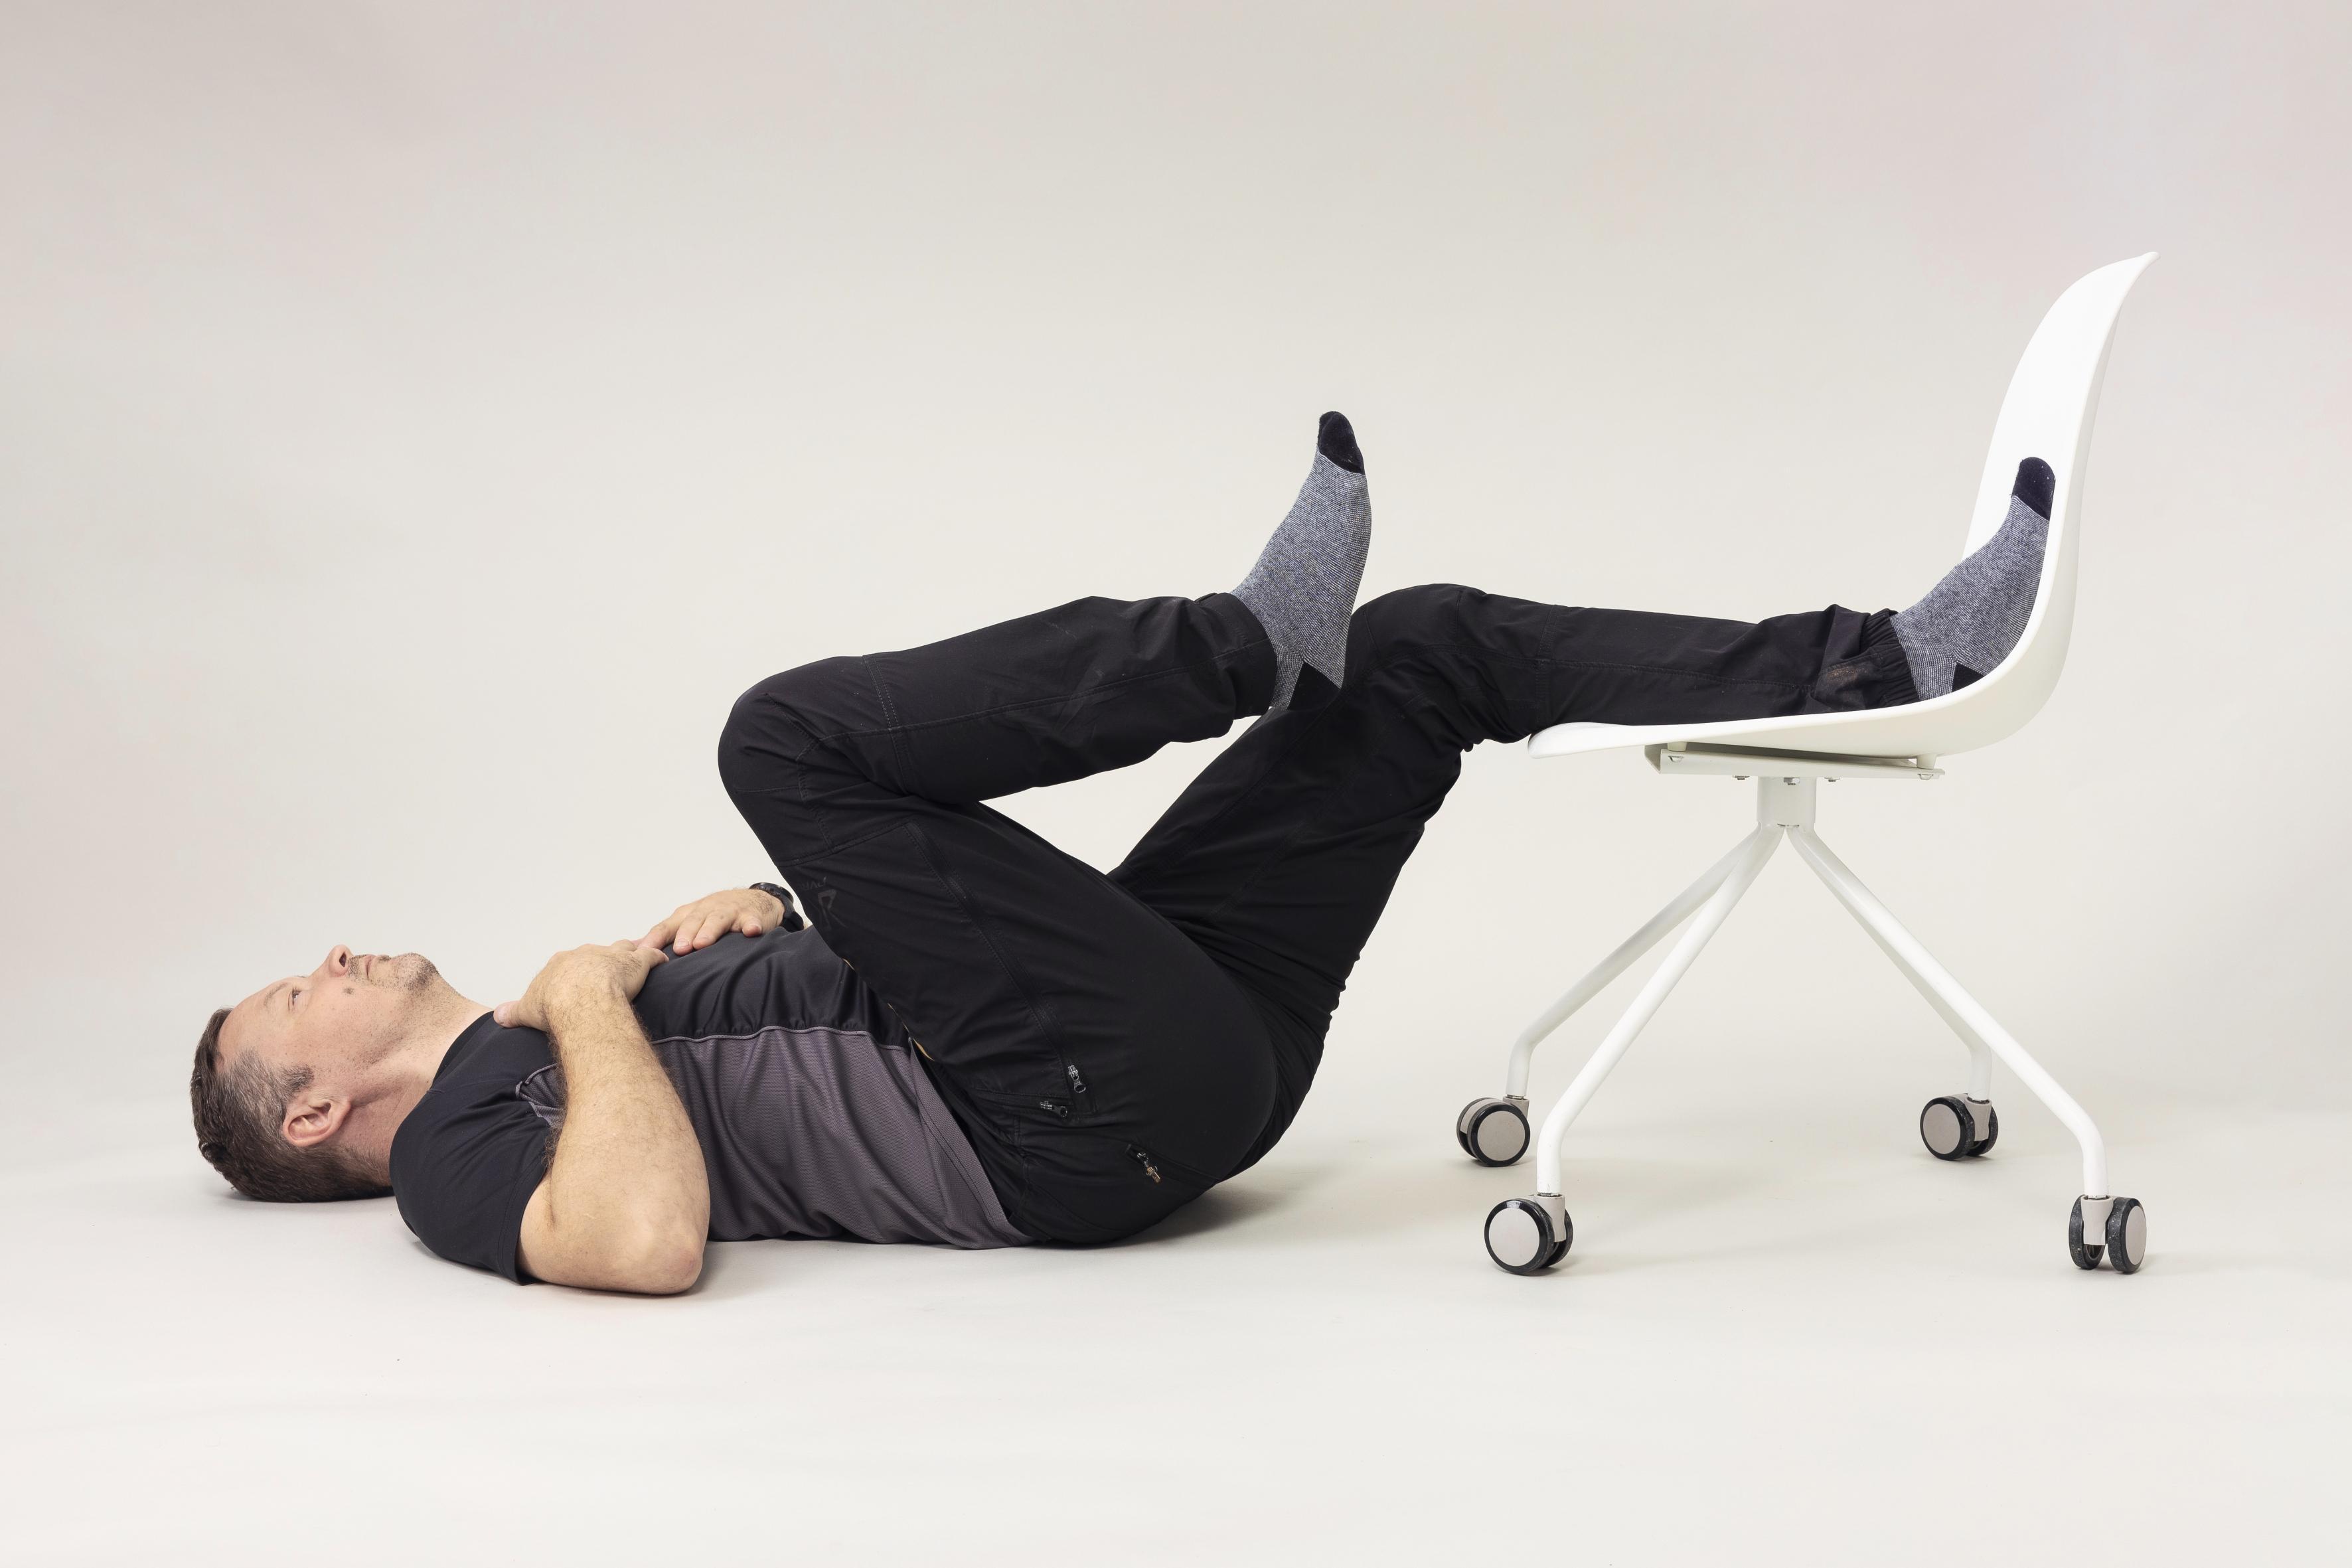 Petri Matula jumppaa ja vahvistaa lihaksiaan säännöllisesti, jotta selkä pysyisi kunnossa.